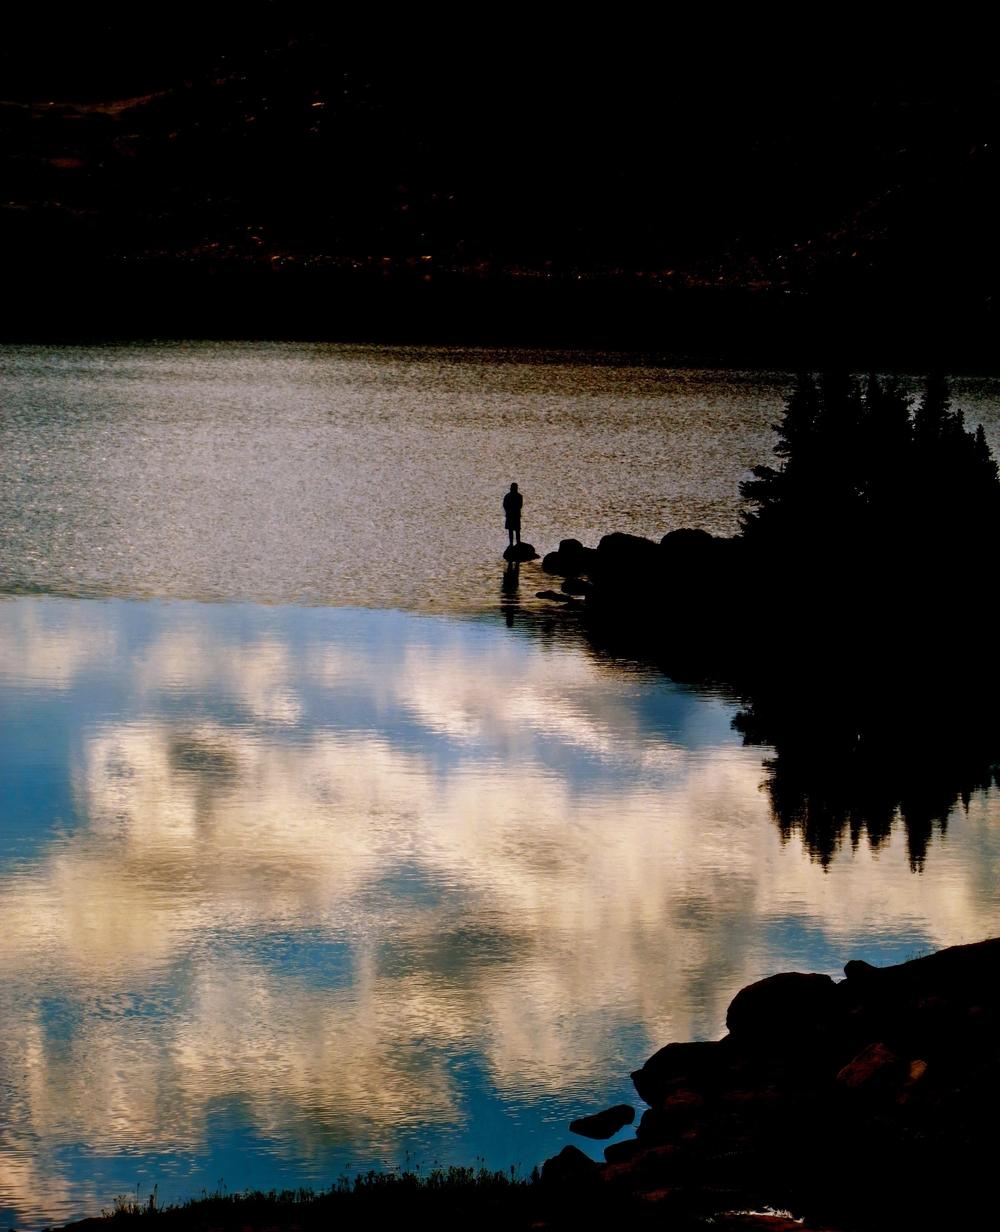 Jarred fishing Lower Aero Lake